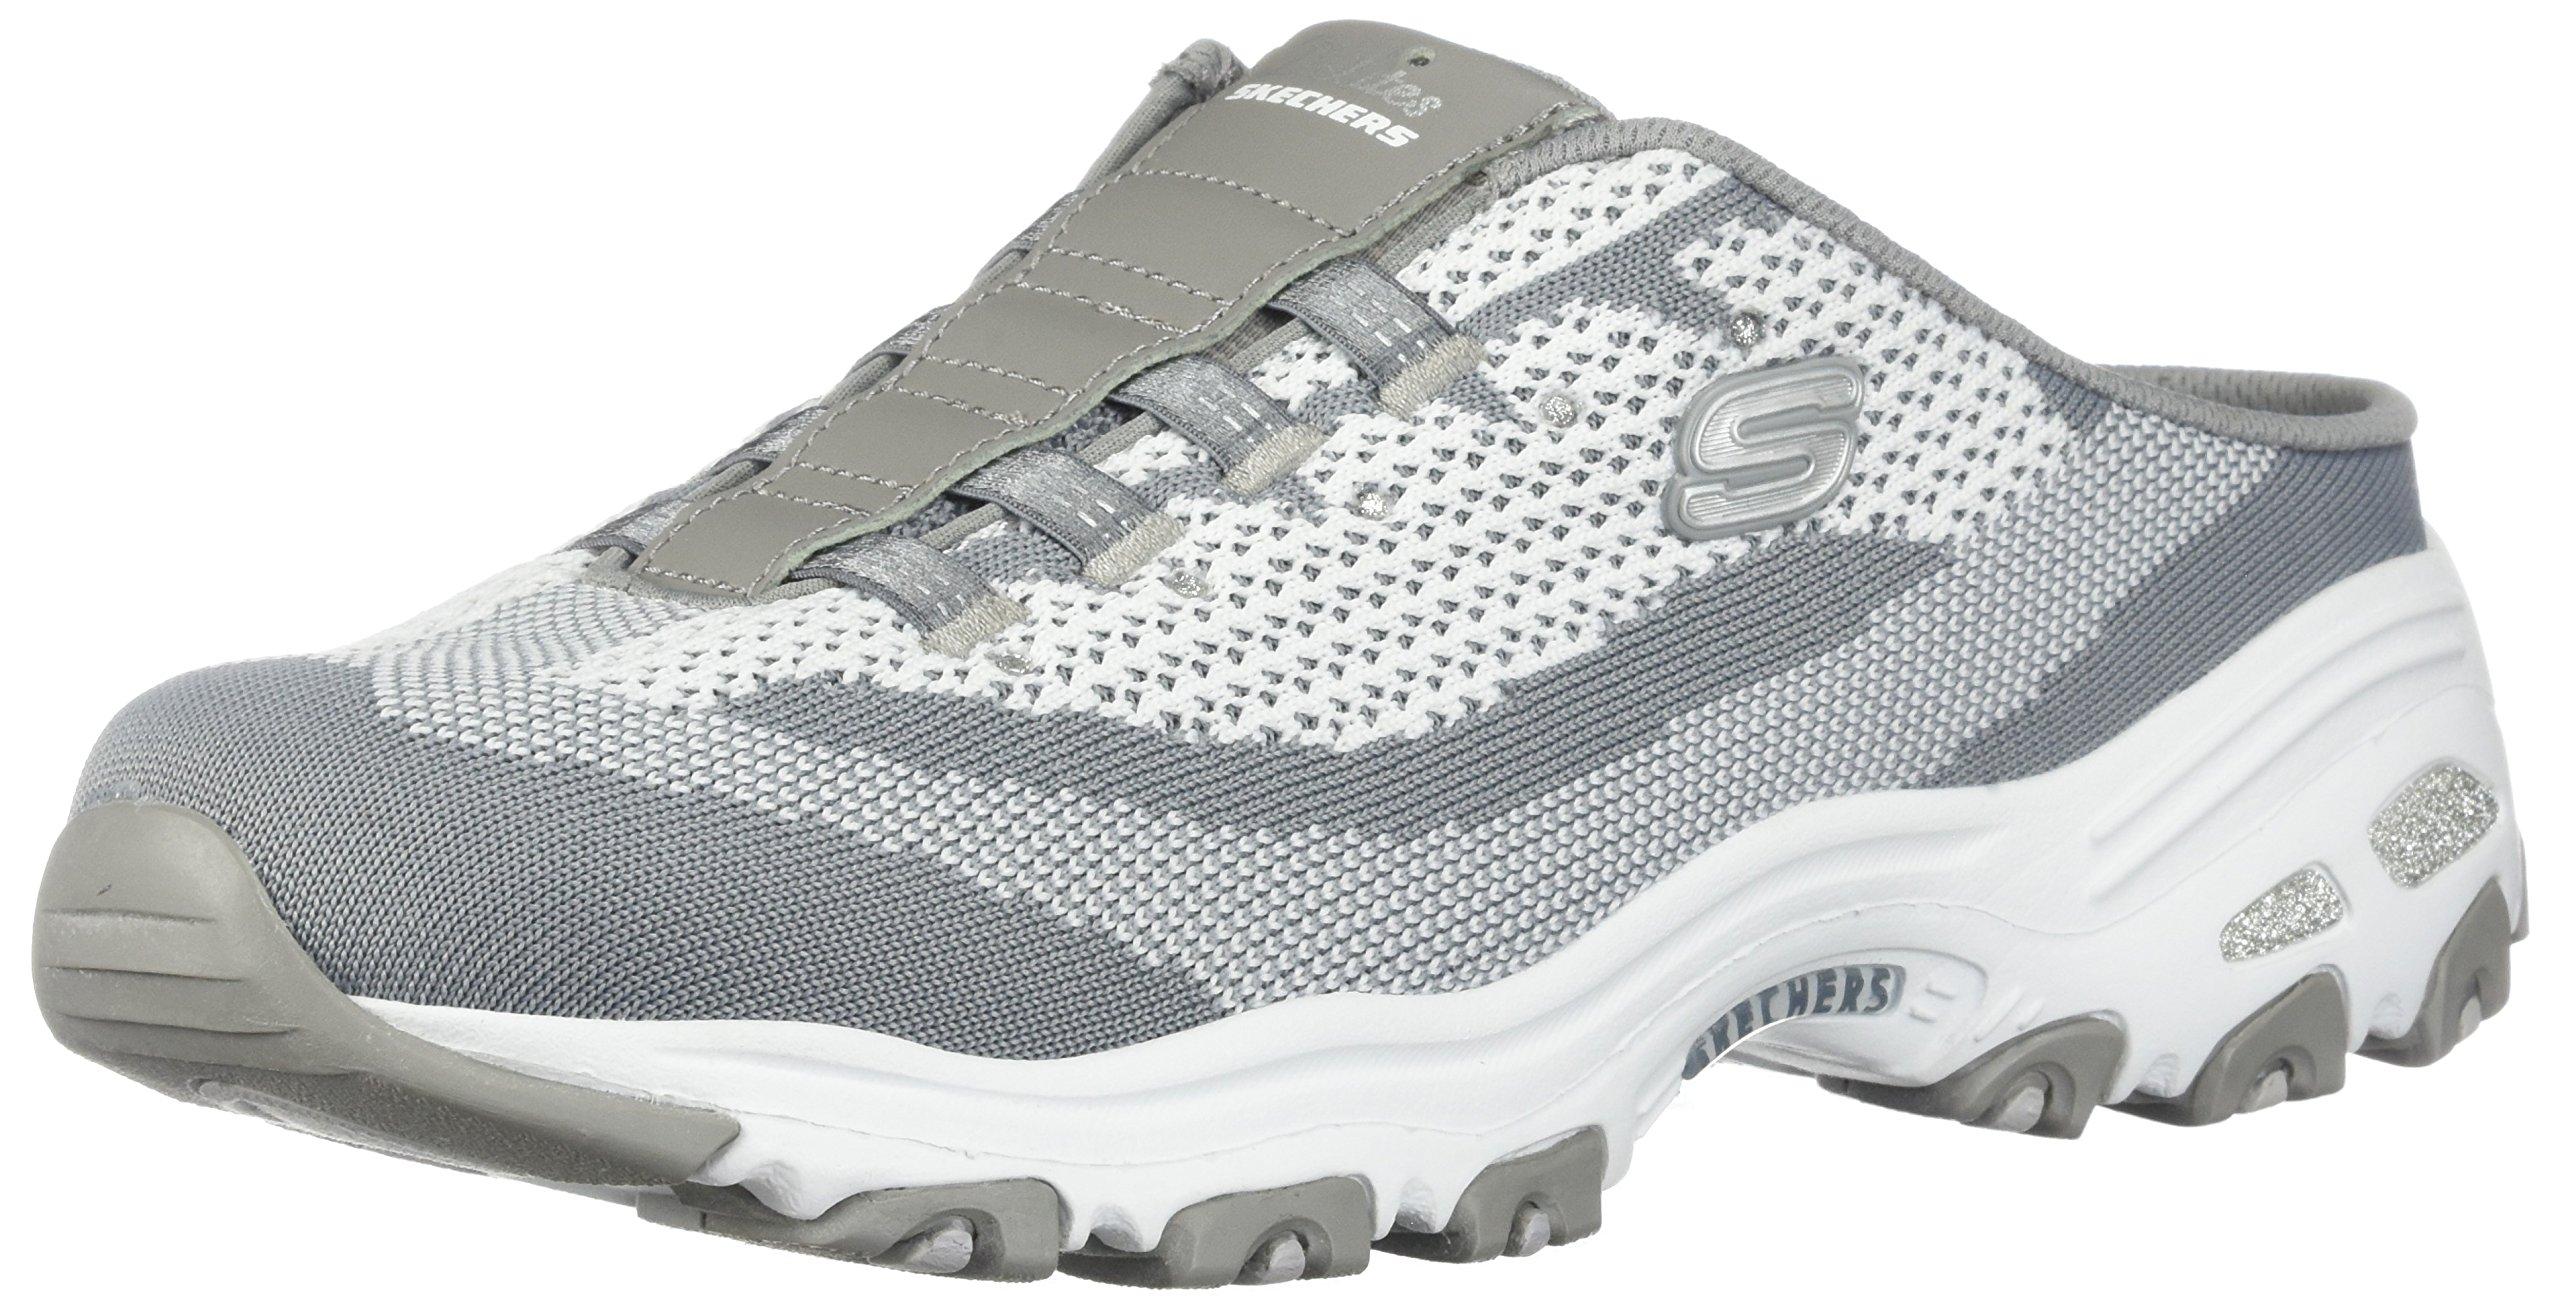 Skechers D'Lites A New Leaf Womens Slip On Sneaker Clogs Gray/White 7